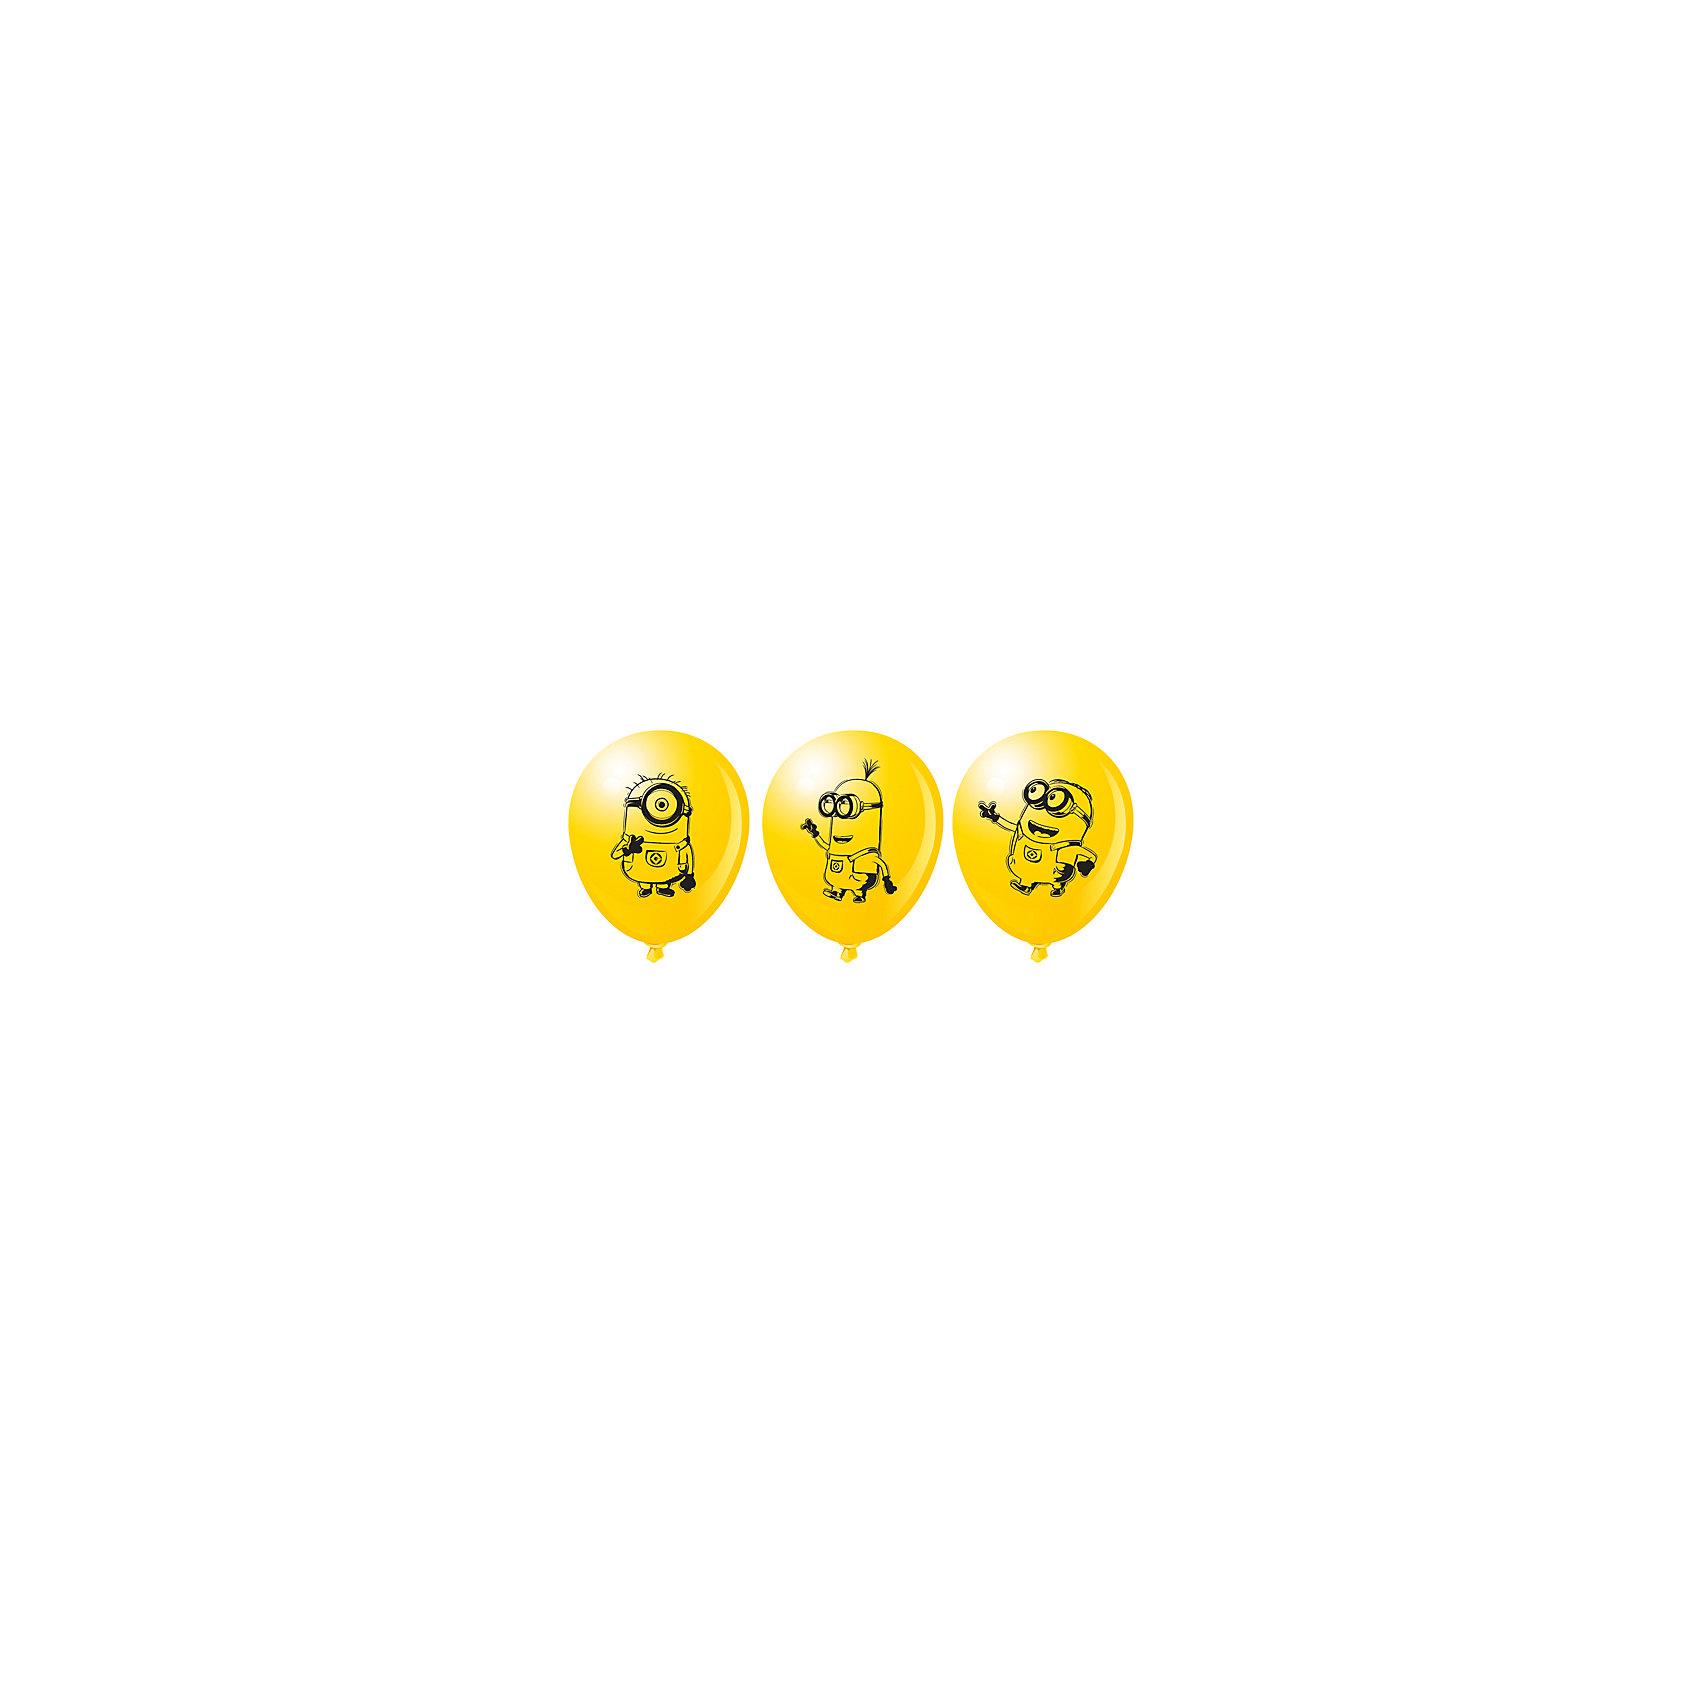 Набор шариков Миньоны (30 см, 10 шт), в ассортиментеШары «Миньоны» яркого солнечного цвета украсят любой праздник, поднимут настроение всем – и детям, и взрослым. А надувание шаров еще и чрезвычайно полезно: такое упражнение развивает дыхательную систему, что благотворно влияет на работу всего организма. &#13;<br><br>Дополнительная информация:<br><br>- Комплектация: 10 шаров.<br>- Материал: латекс.<br>- Цвет: желтый.<br>- Размер: 30 см.<br>- С односторонней печатью<br>-  В ассортименте 3 дизайна. <br>ВНИМАНИЕ! Данный артикул представлен в разных вариантах исполнения. К сожалению, заранее выбрать определенный вариант невозможно. При заказе нескольких наборов шаров возможно получение одинаковых.<br><br>Набор шариков Миньоны (30 см, 10 шт), в ассортименте, можно купить в нашем магазине.<br><br>Ширина мм: 150<br>Глубина мм: 3<br>Высота мм: 190<br>Вес г: 480<br>Возраст от месяцев: 36<br>Возраст до месяцев: 216<br>Пол: Унисекс<br>Возраст: Детский<br>SKU: 4157574